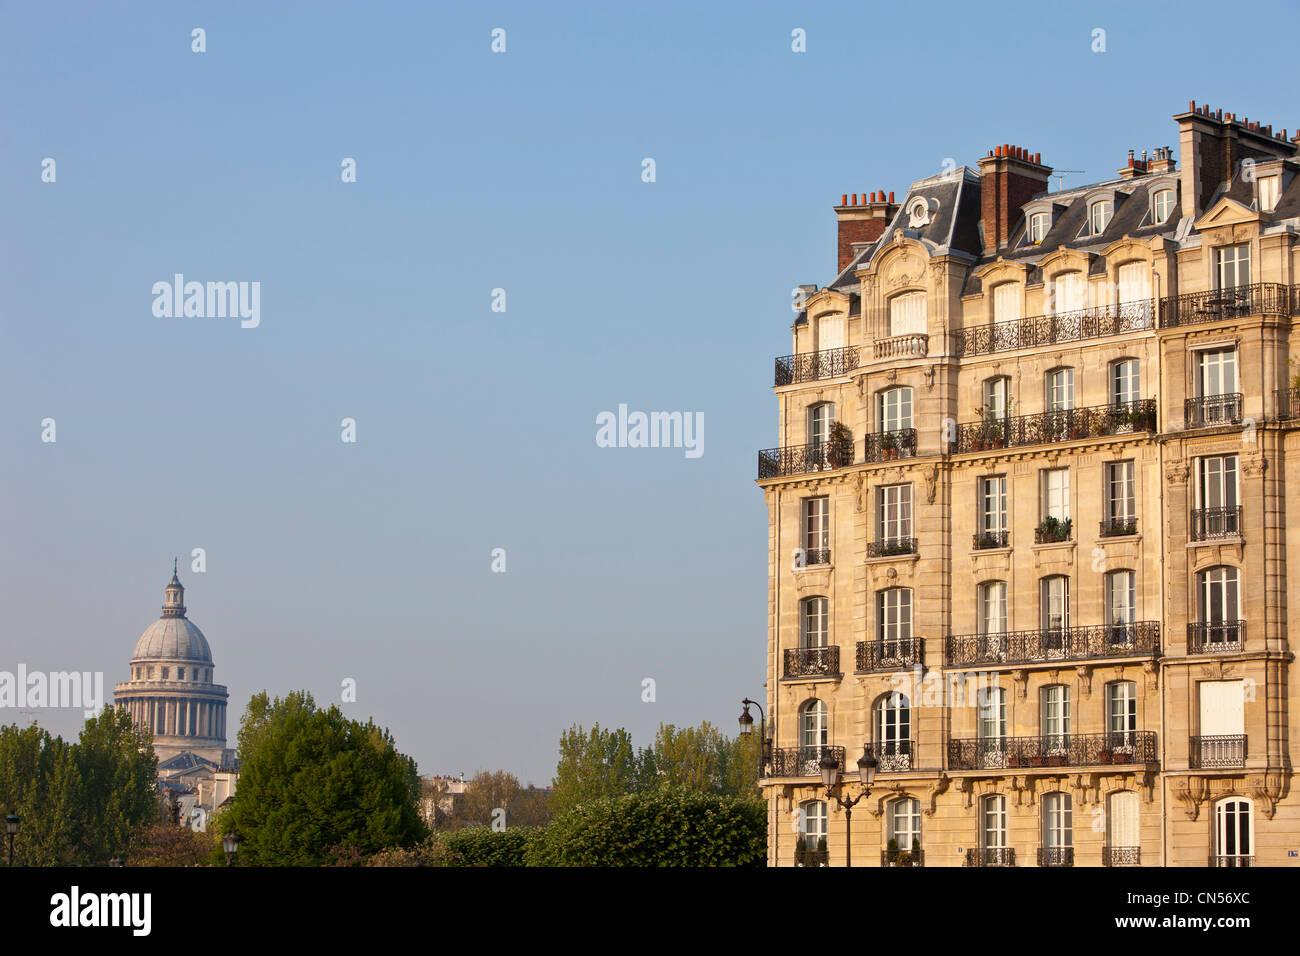 France, Paris, Haussmann building type facade on the Ile St Louis - Stock Image